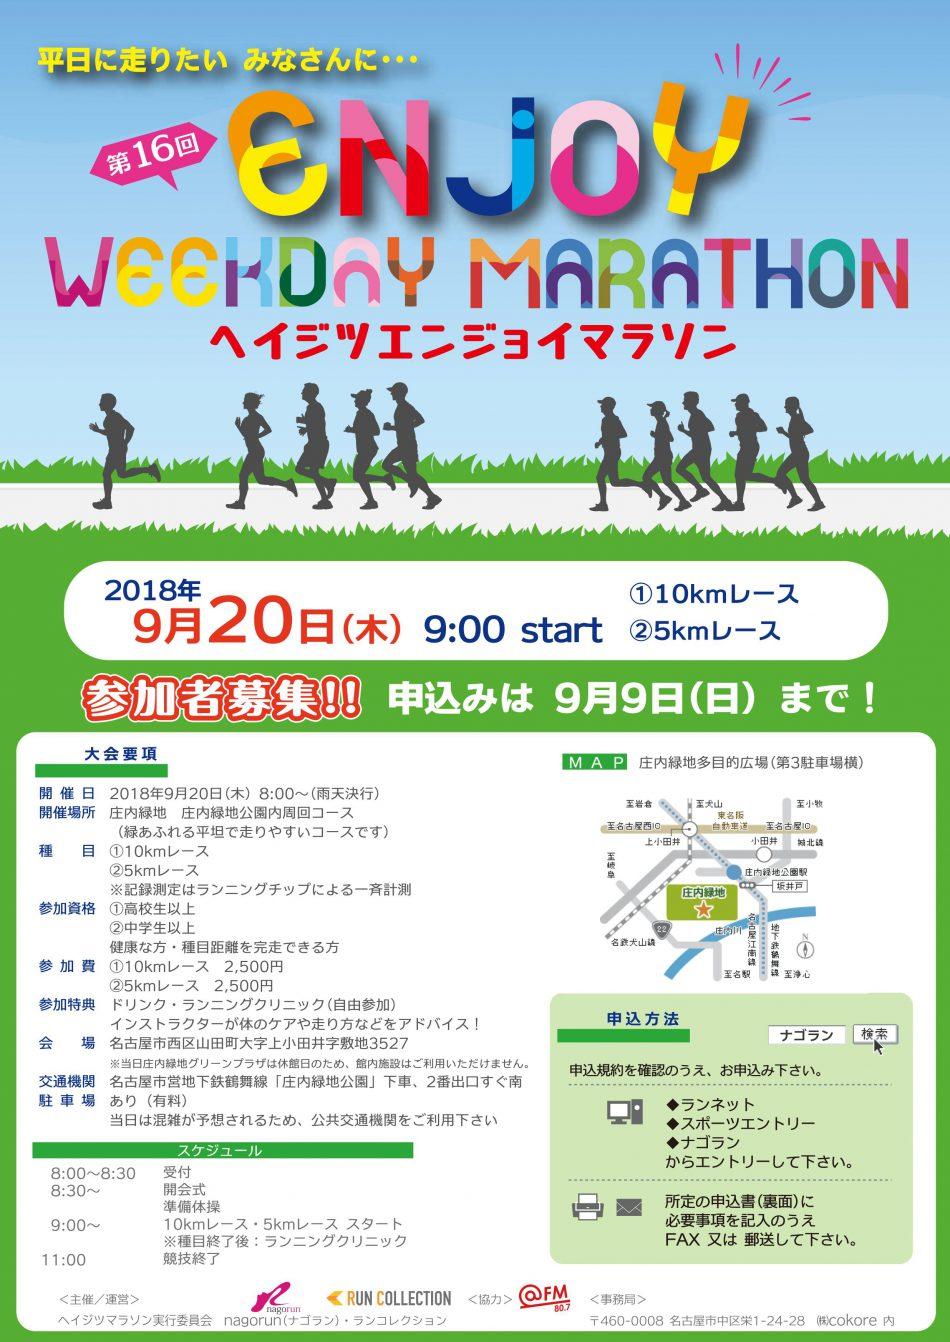 16thヘイジツマラソン_01